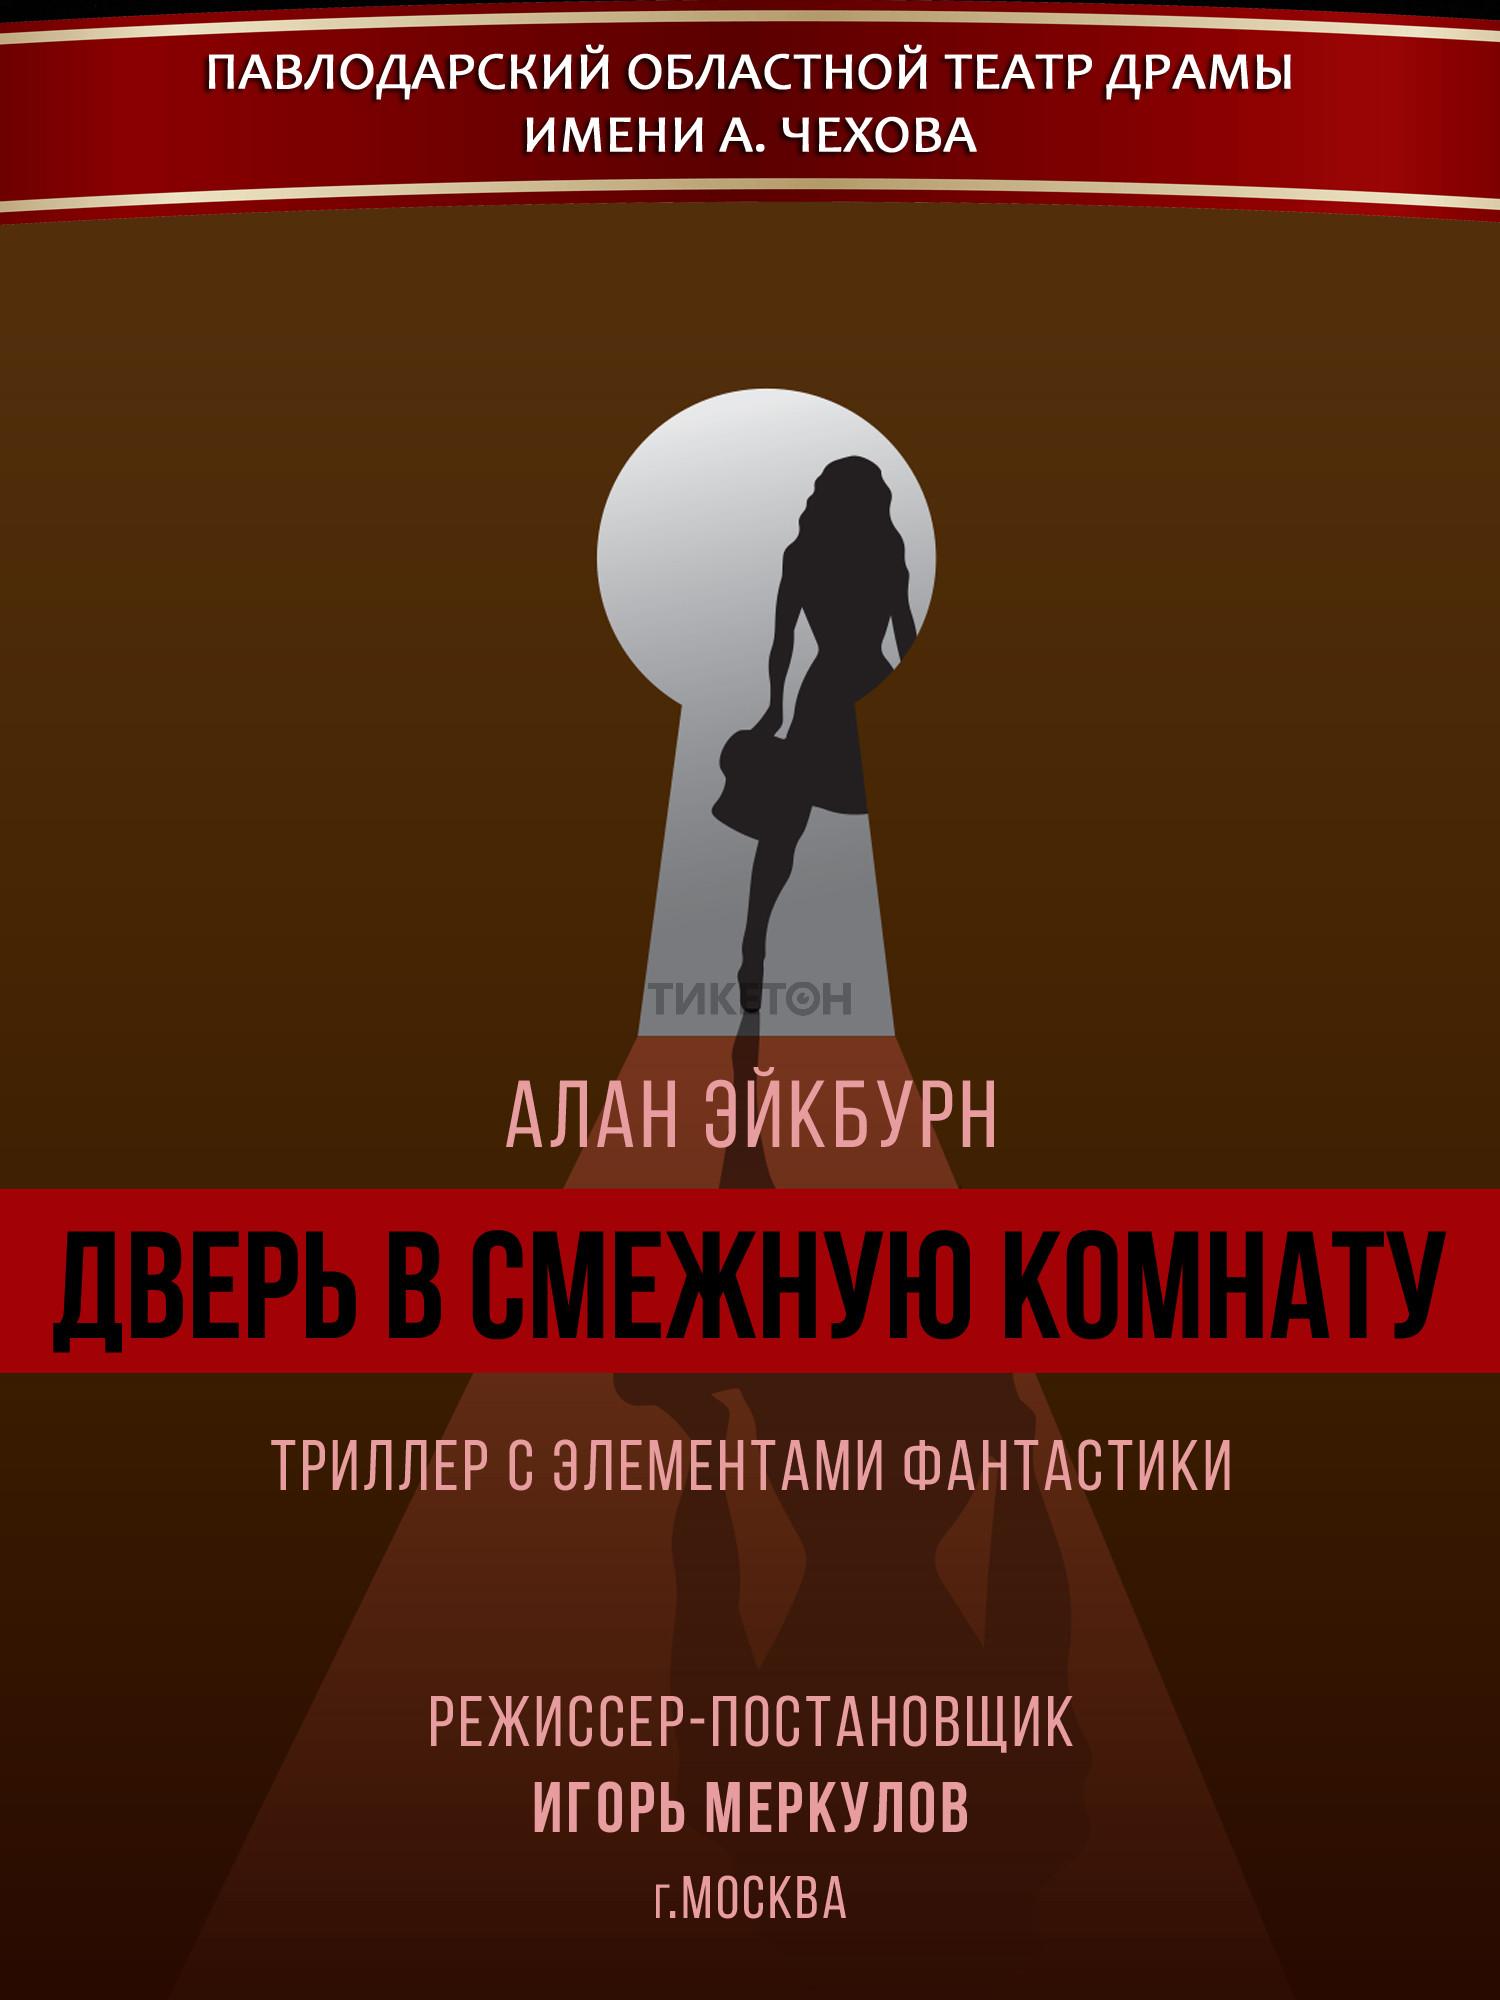 dver-v-smezhnuyu-komnatu